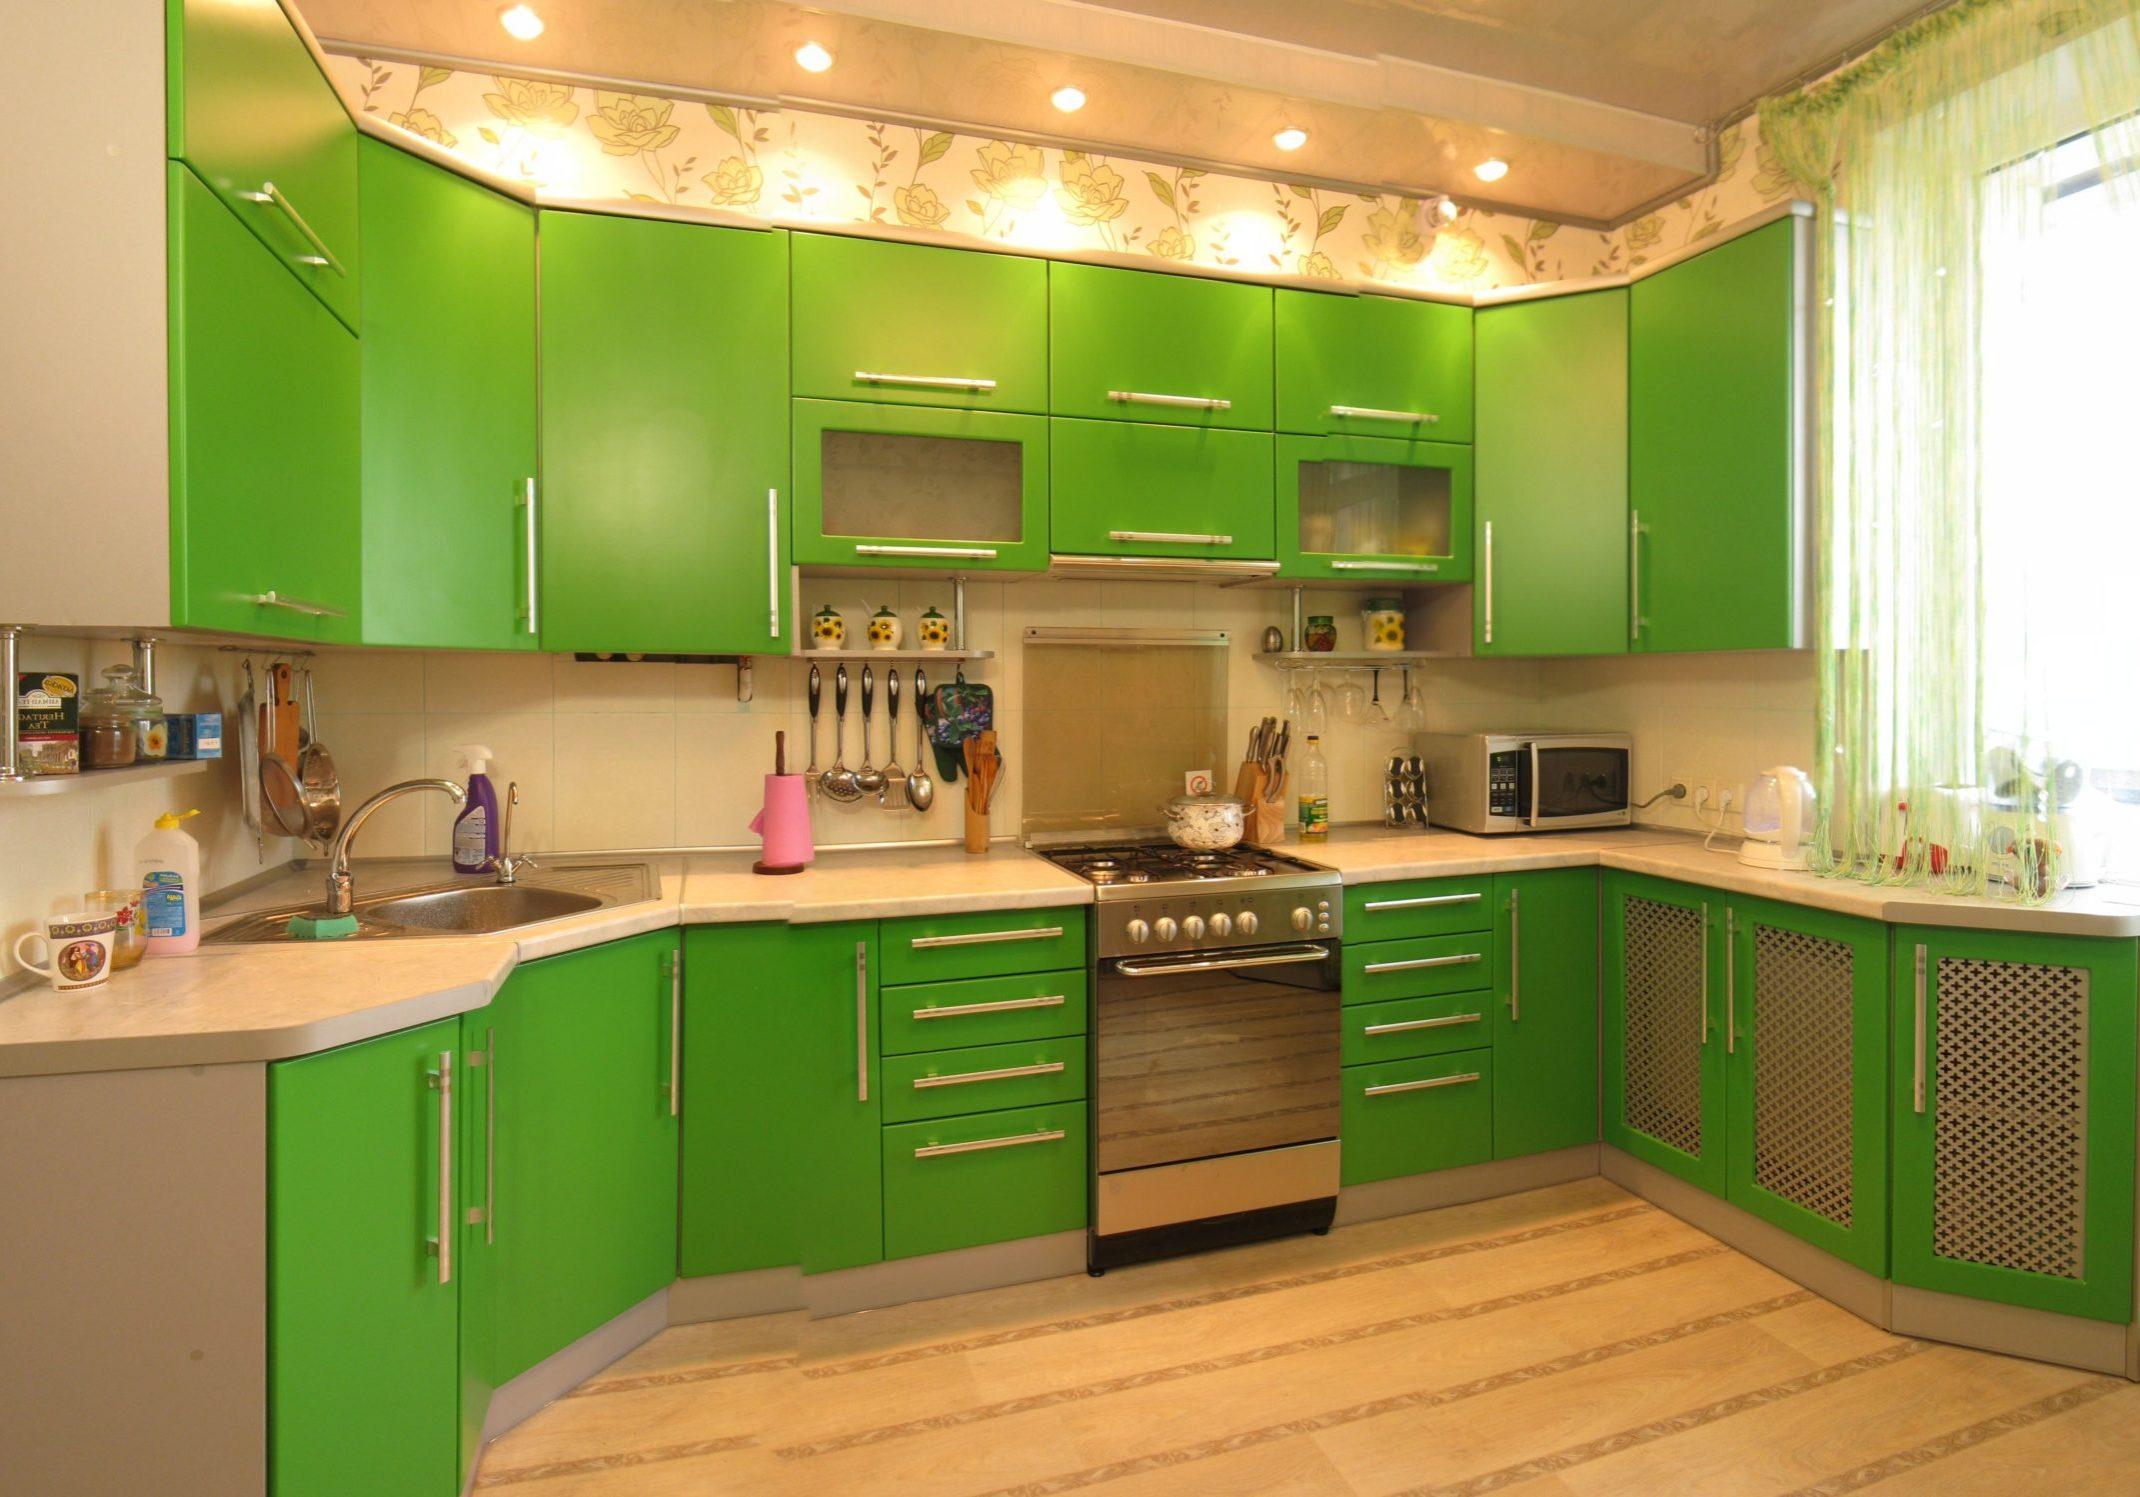 Угловая кухня с матовыми зелеными фасадами